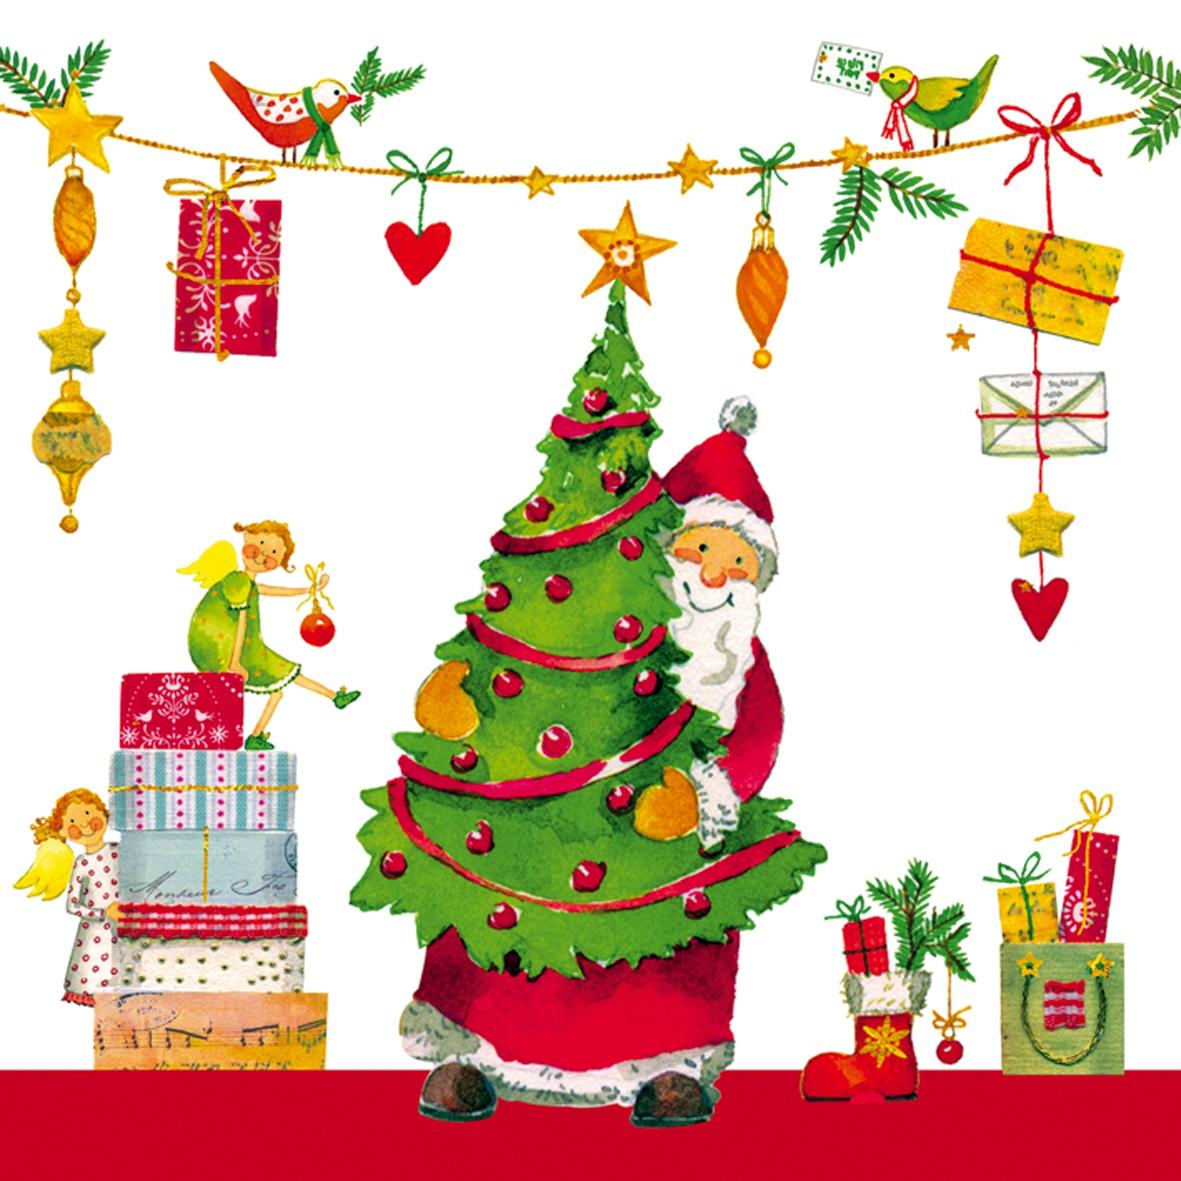 Servietten 33 x 33 cm,  Weihnachten - Weihnachtsbaum,  Weihnachten - Weihnachtsbaum,  Weihnachten,  lunchservietten